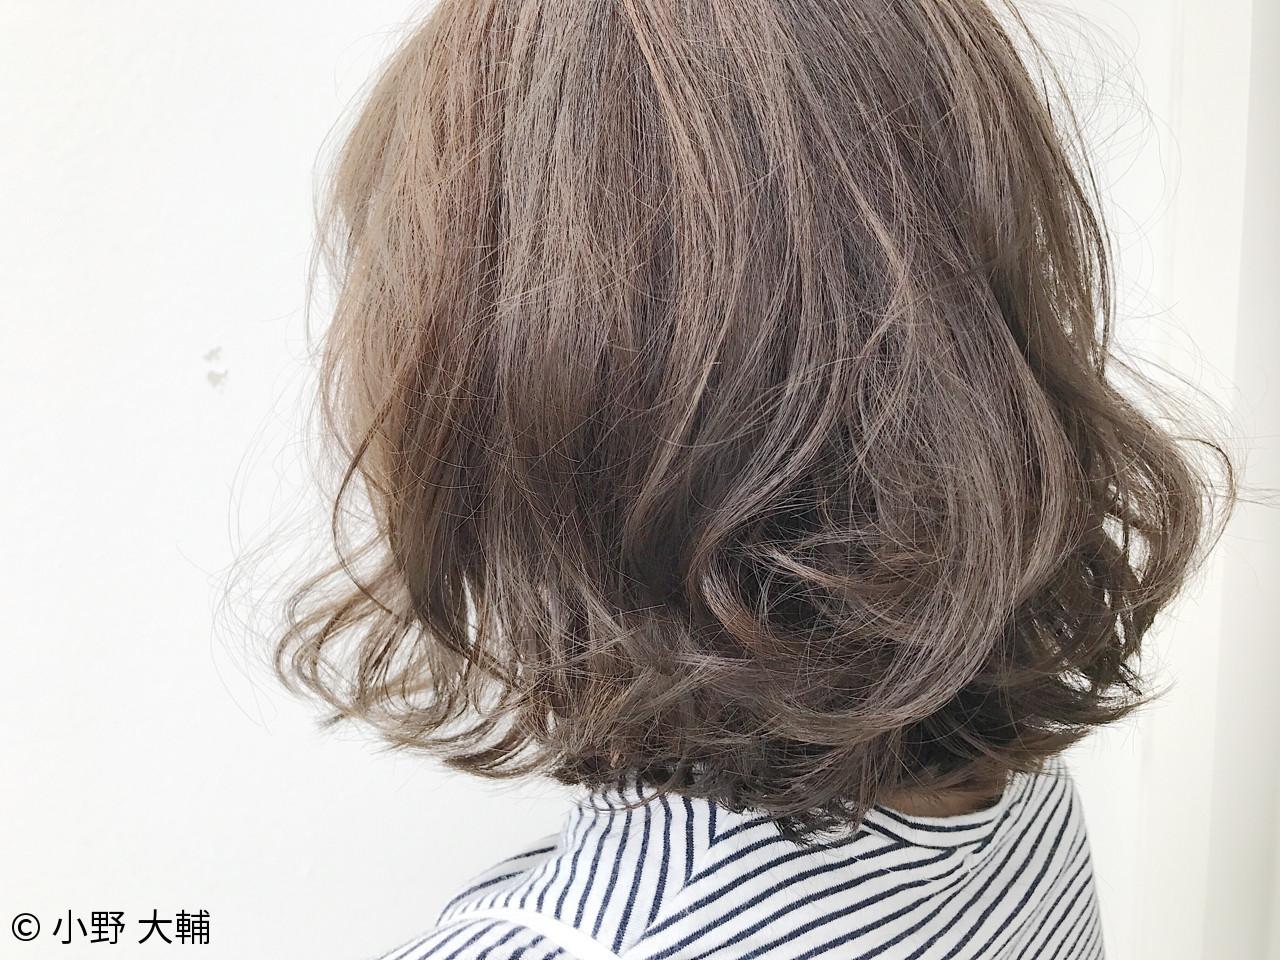 ナチュラル ボブ 秋 アッシュグレージュ ヘアスタイルや髪型の写真・画像